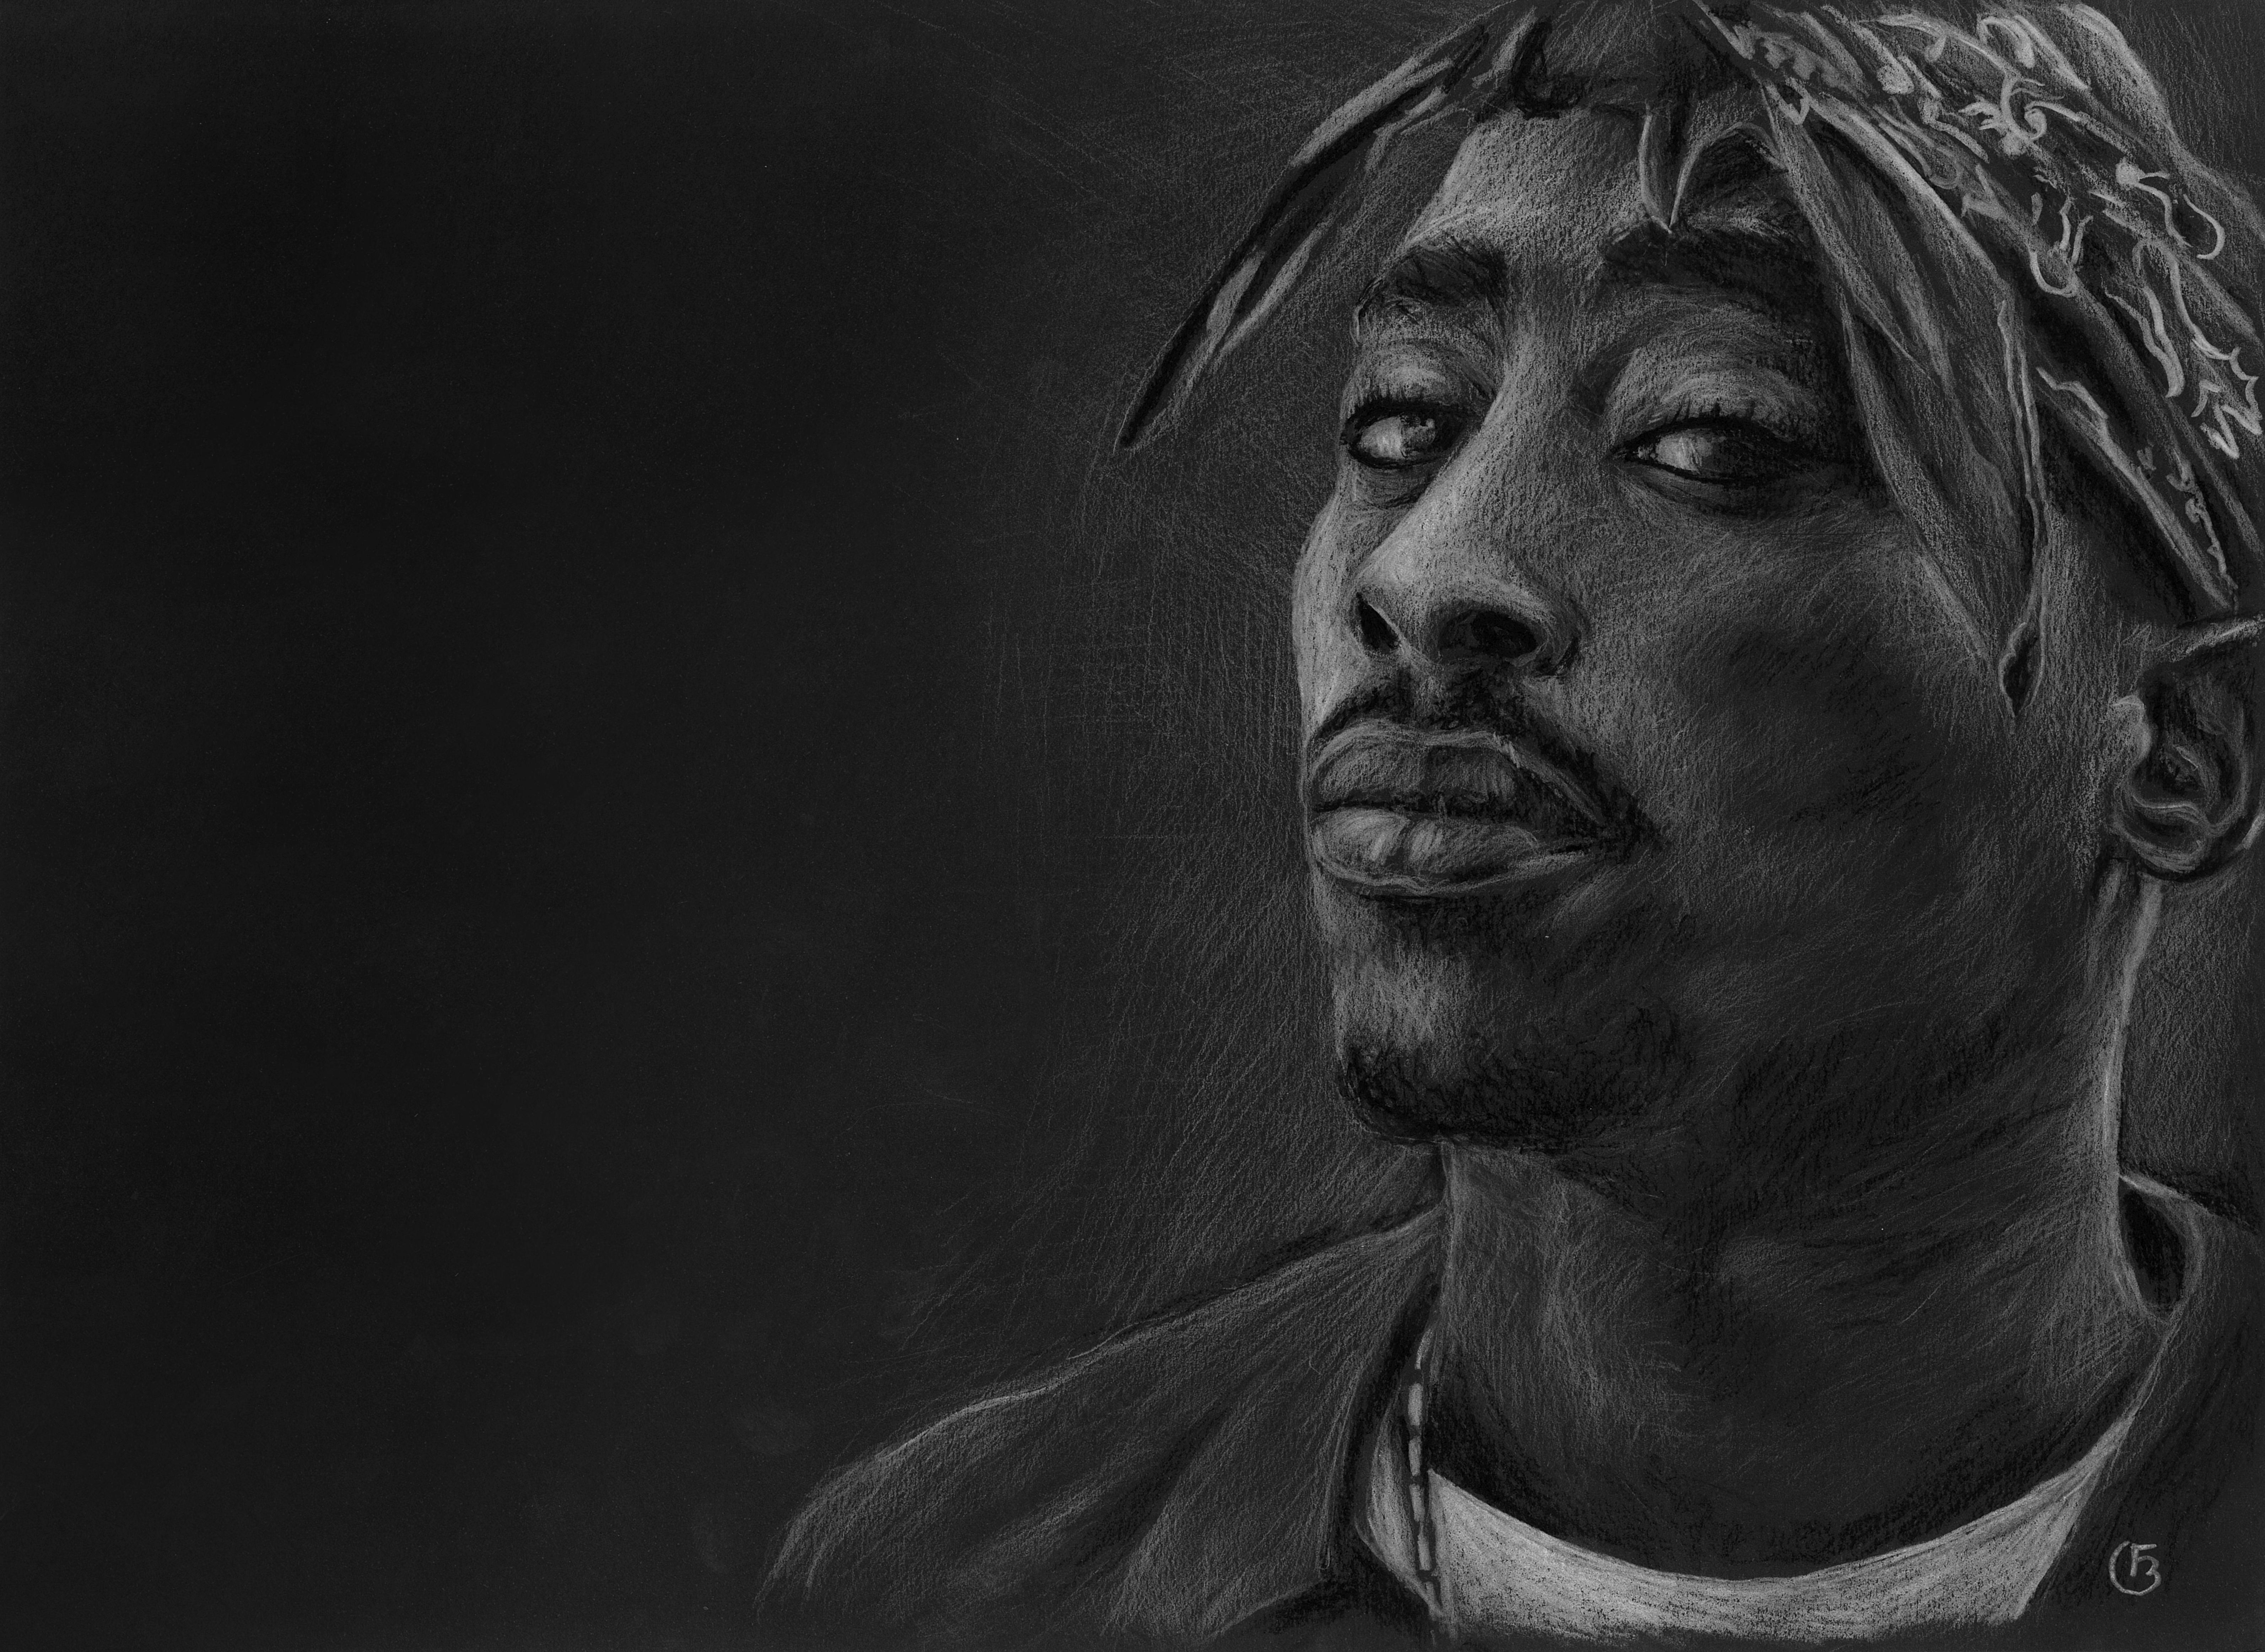 2Pac portrait dessin